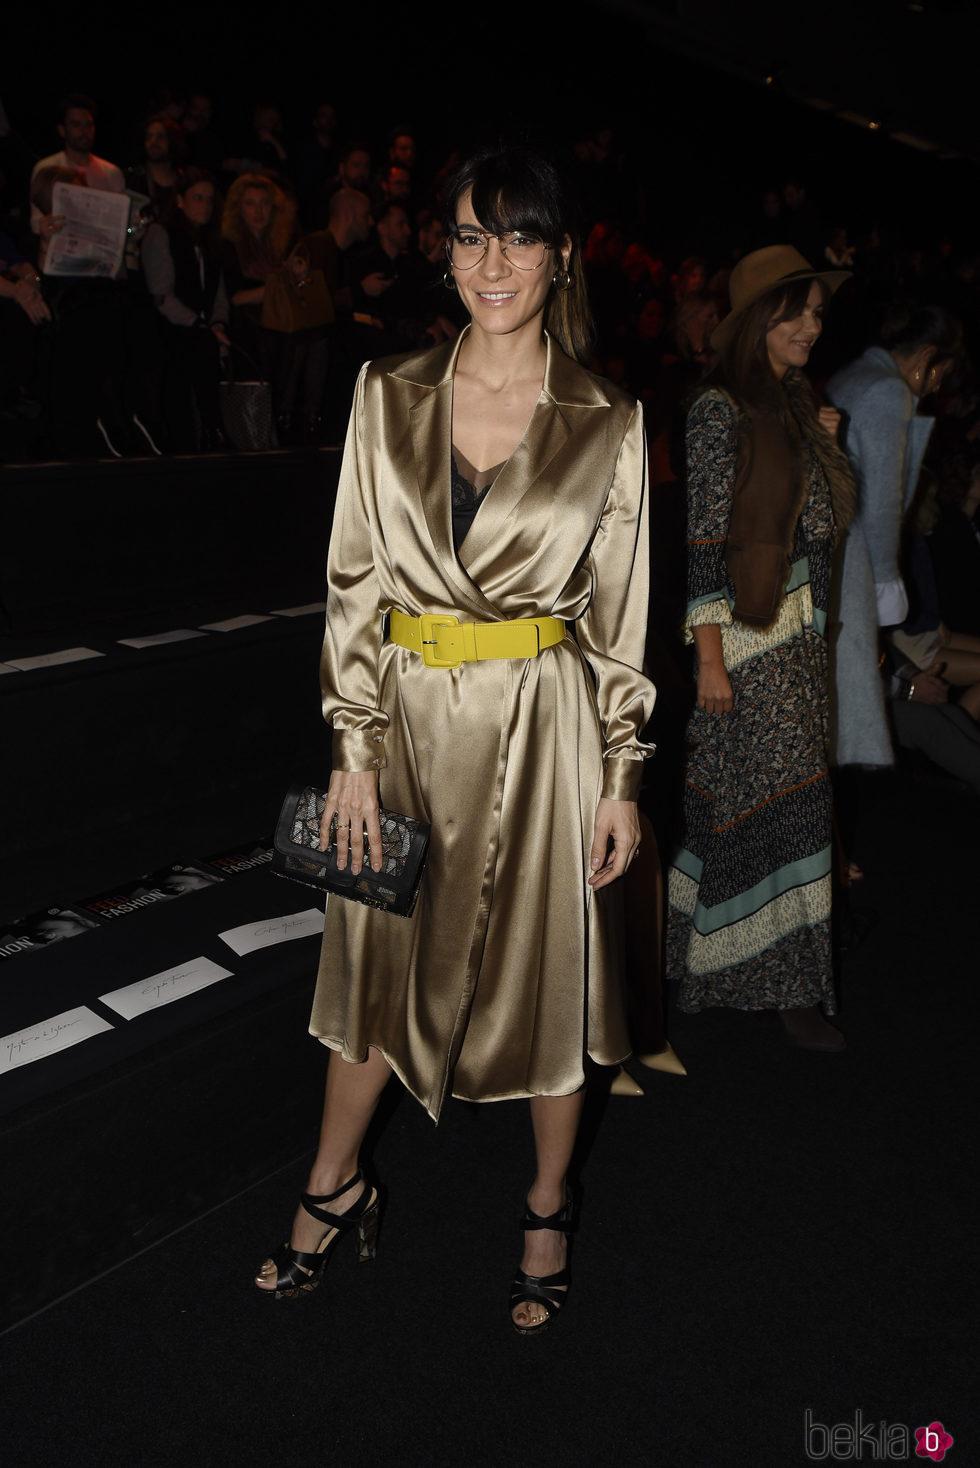 Cecilia Gessa en el desfile de la firma The 2nd Skin en la Madrid Fashion Week 2017/2018